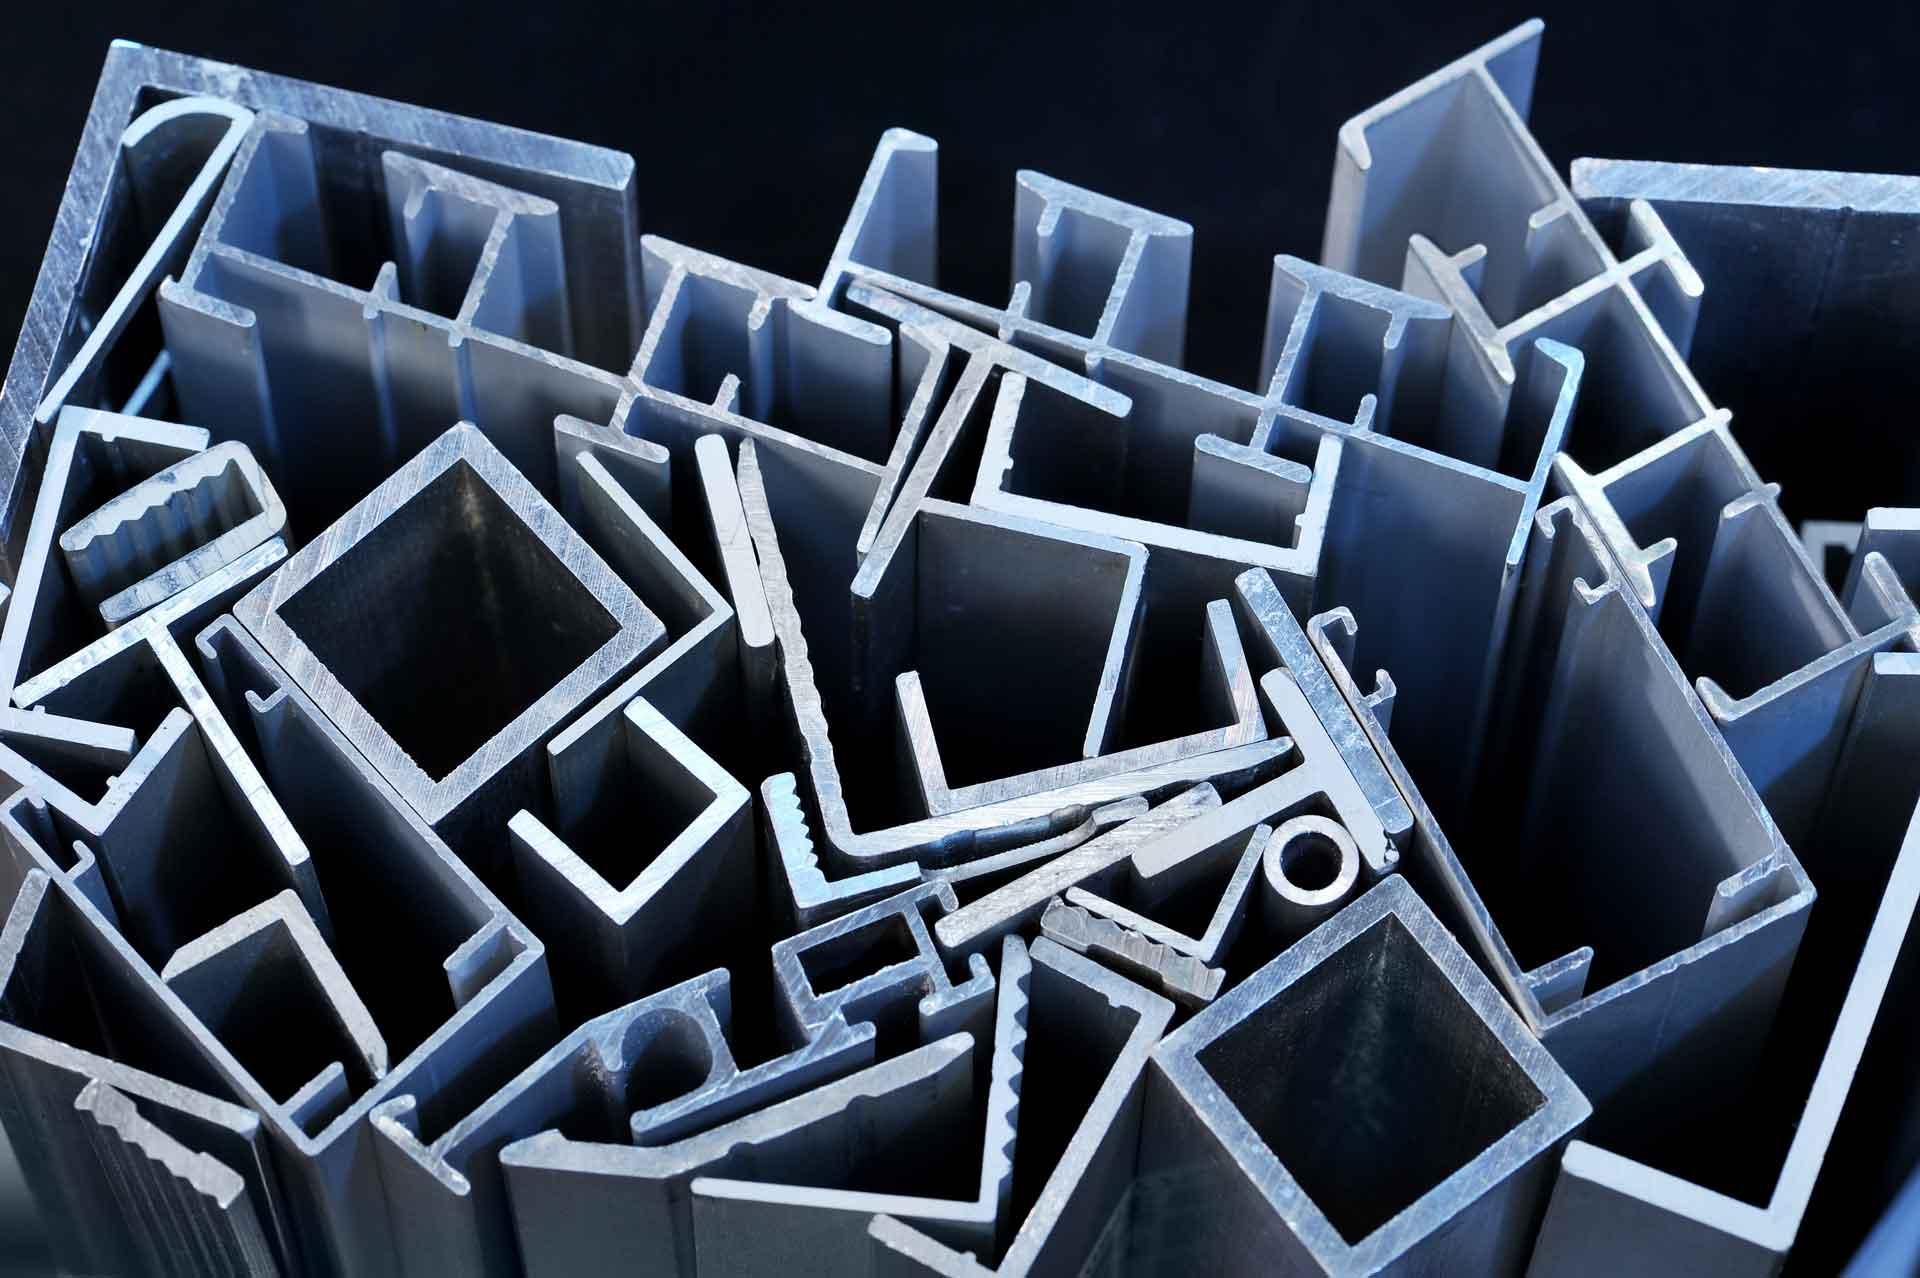 Bespoke Aluminum Extrusions